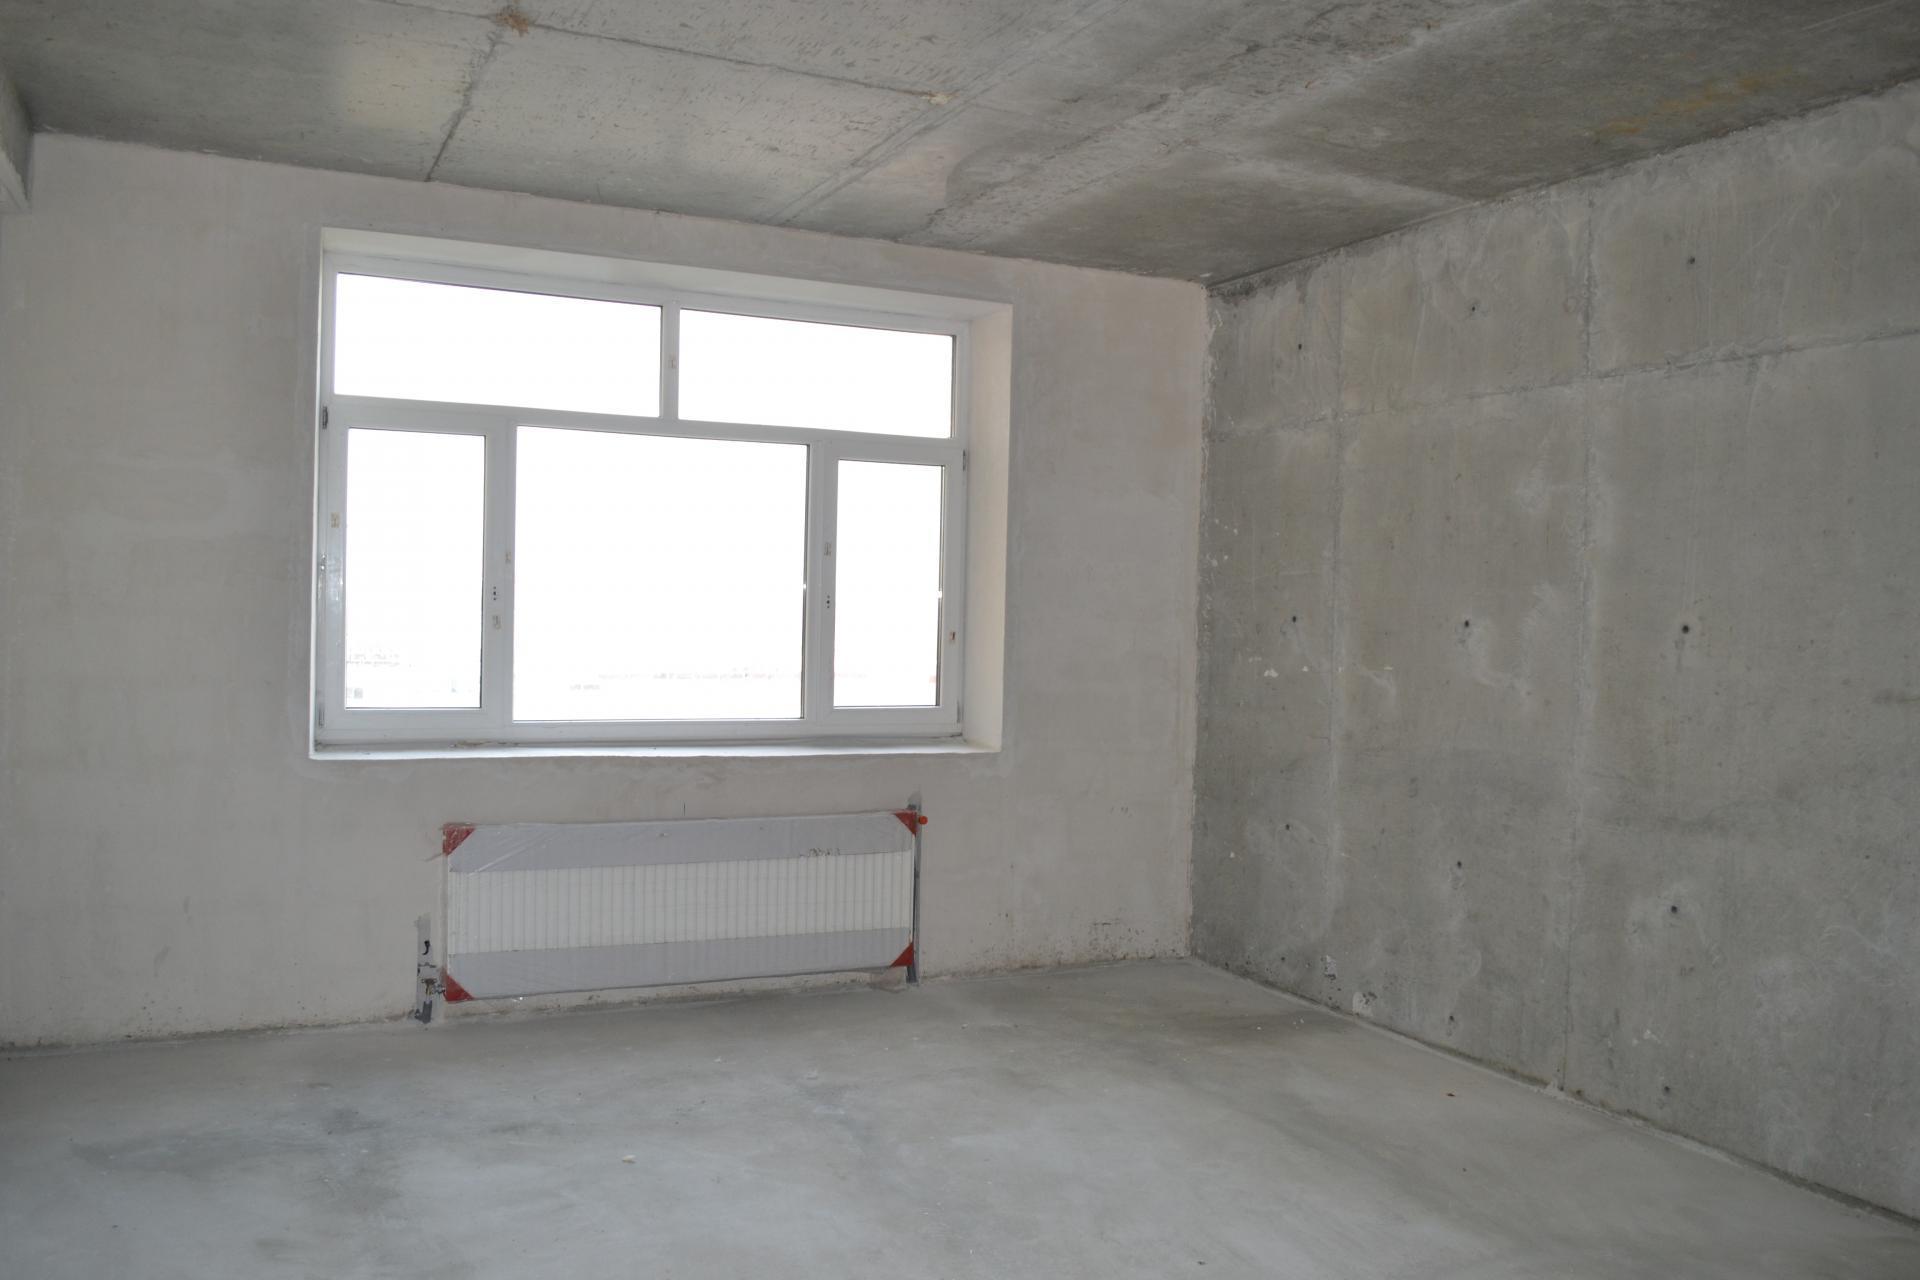 заговоры купить квартиру в сургуте черновая отделка отзывы процедуре лазерной